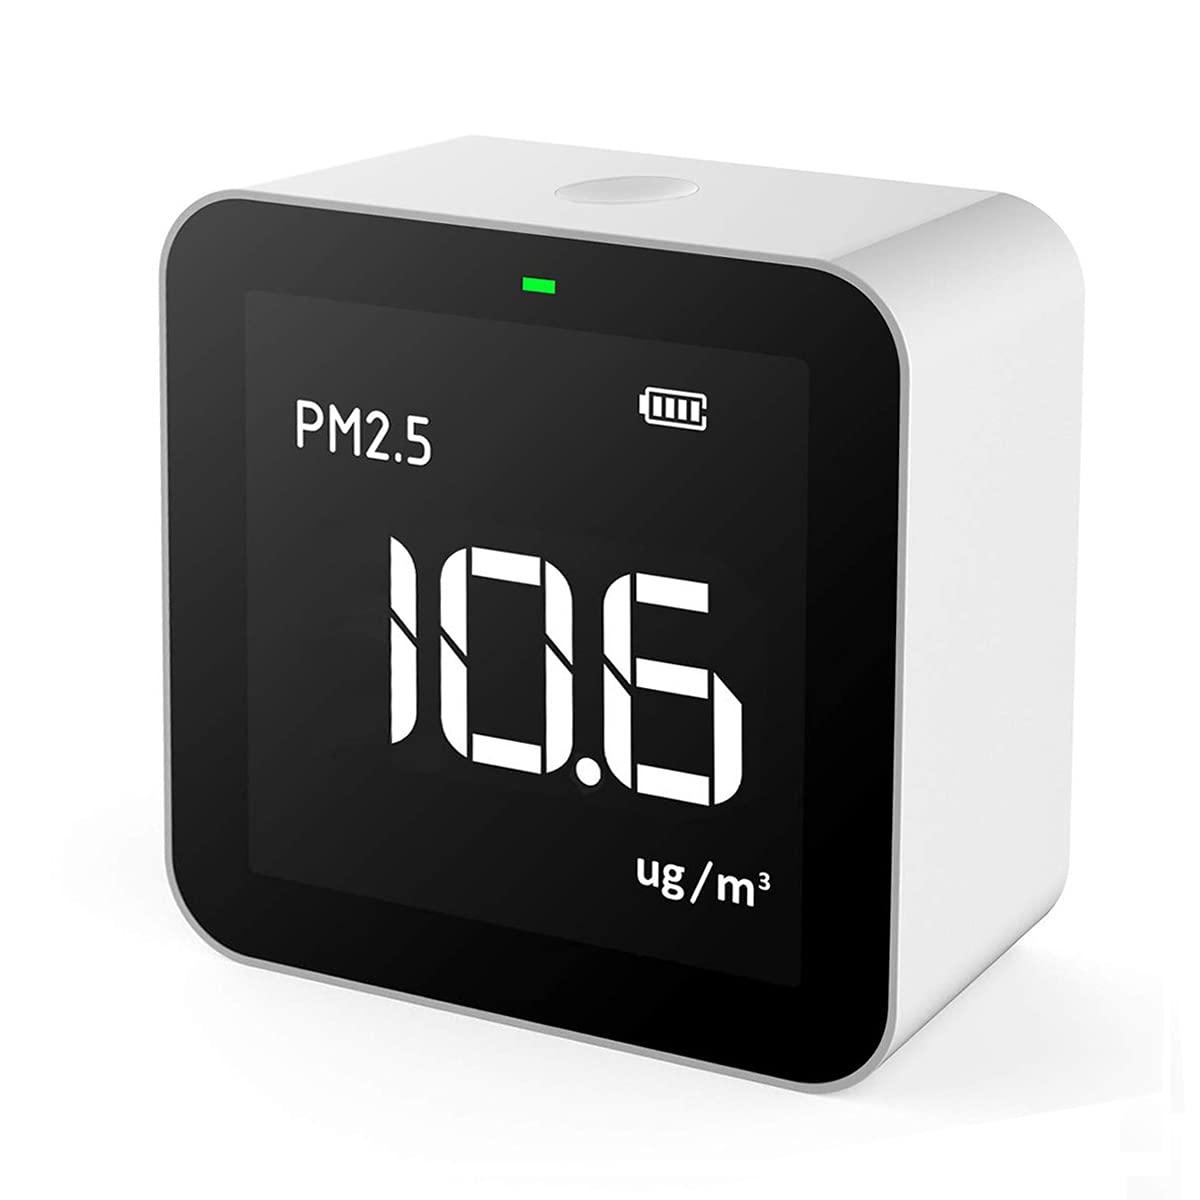 Temtop Monitor de Calidad del Aire Interior de PM2.5 y AQI, para Habitaciones (Dormitorios, Cocinas), Oficinas, Automóviles, Recargable, Tres años de garantía (P10)